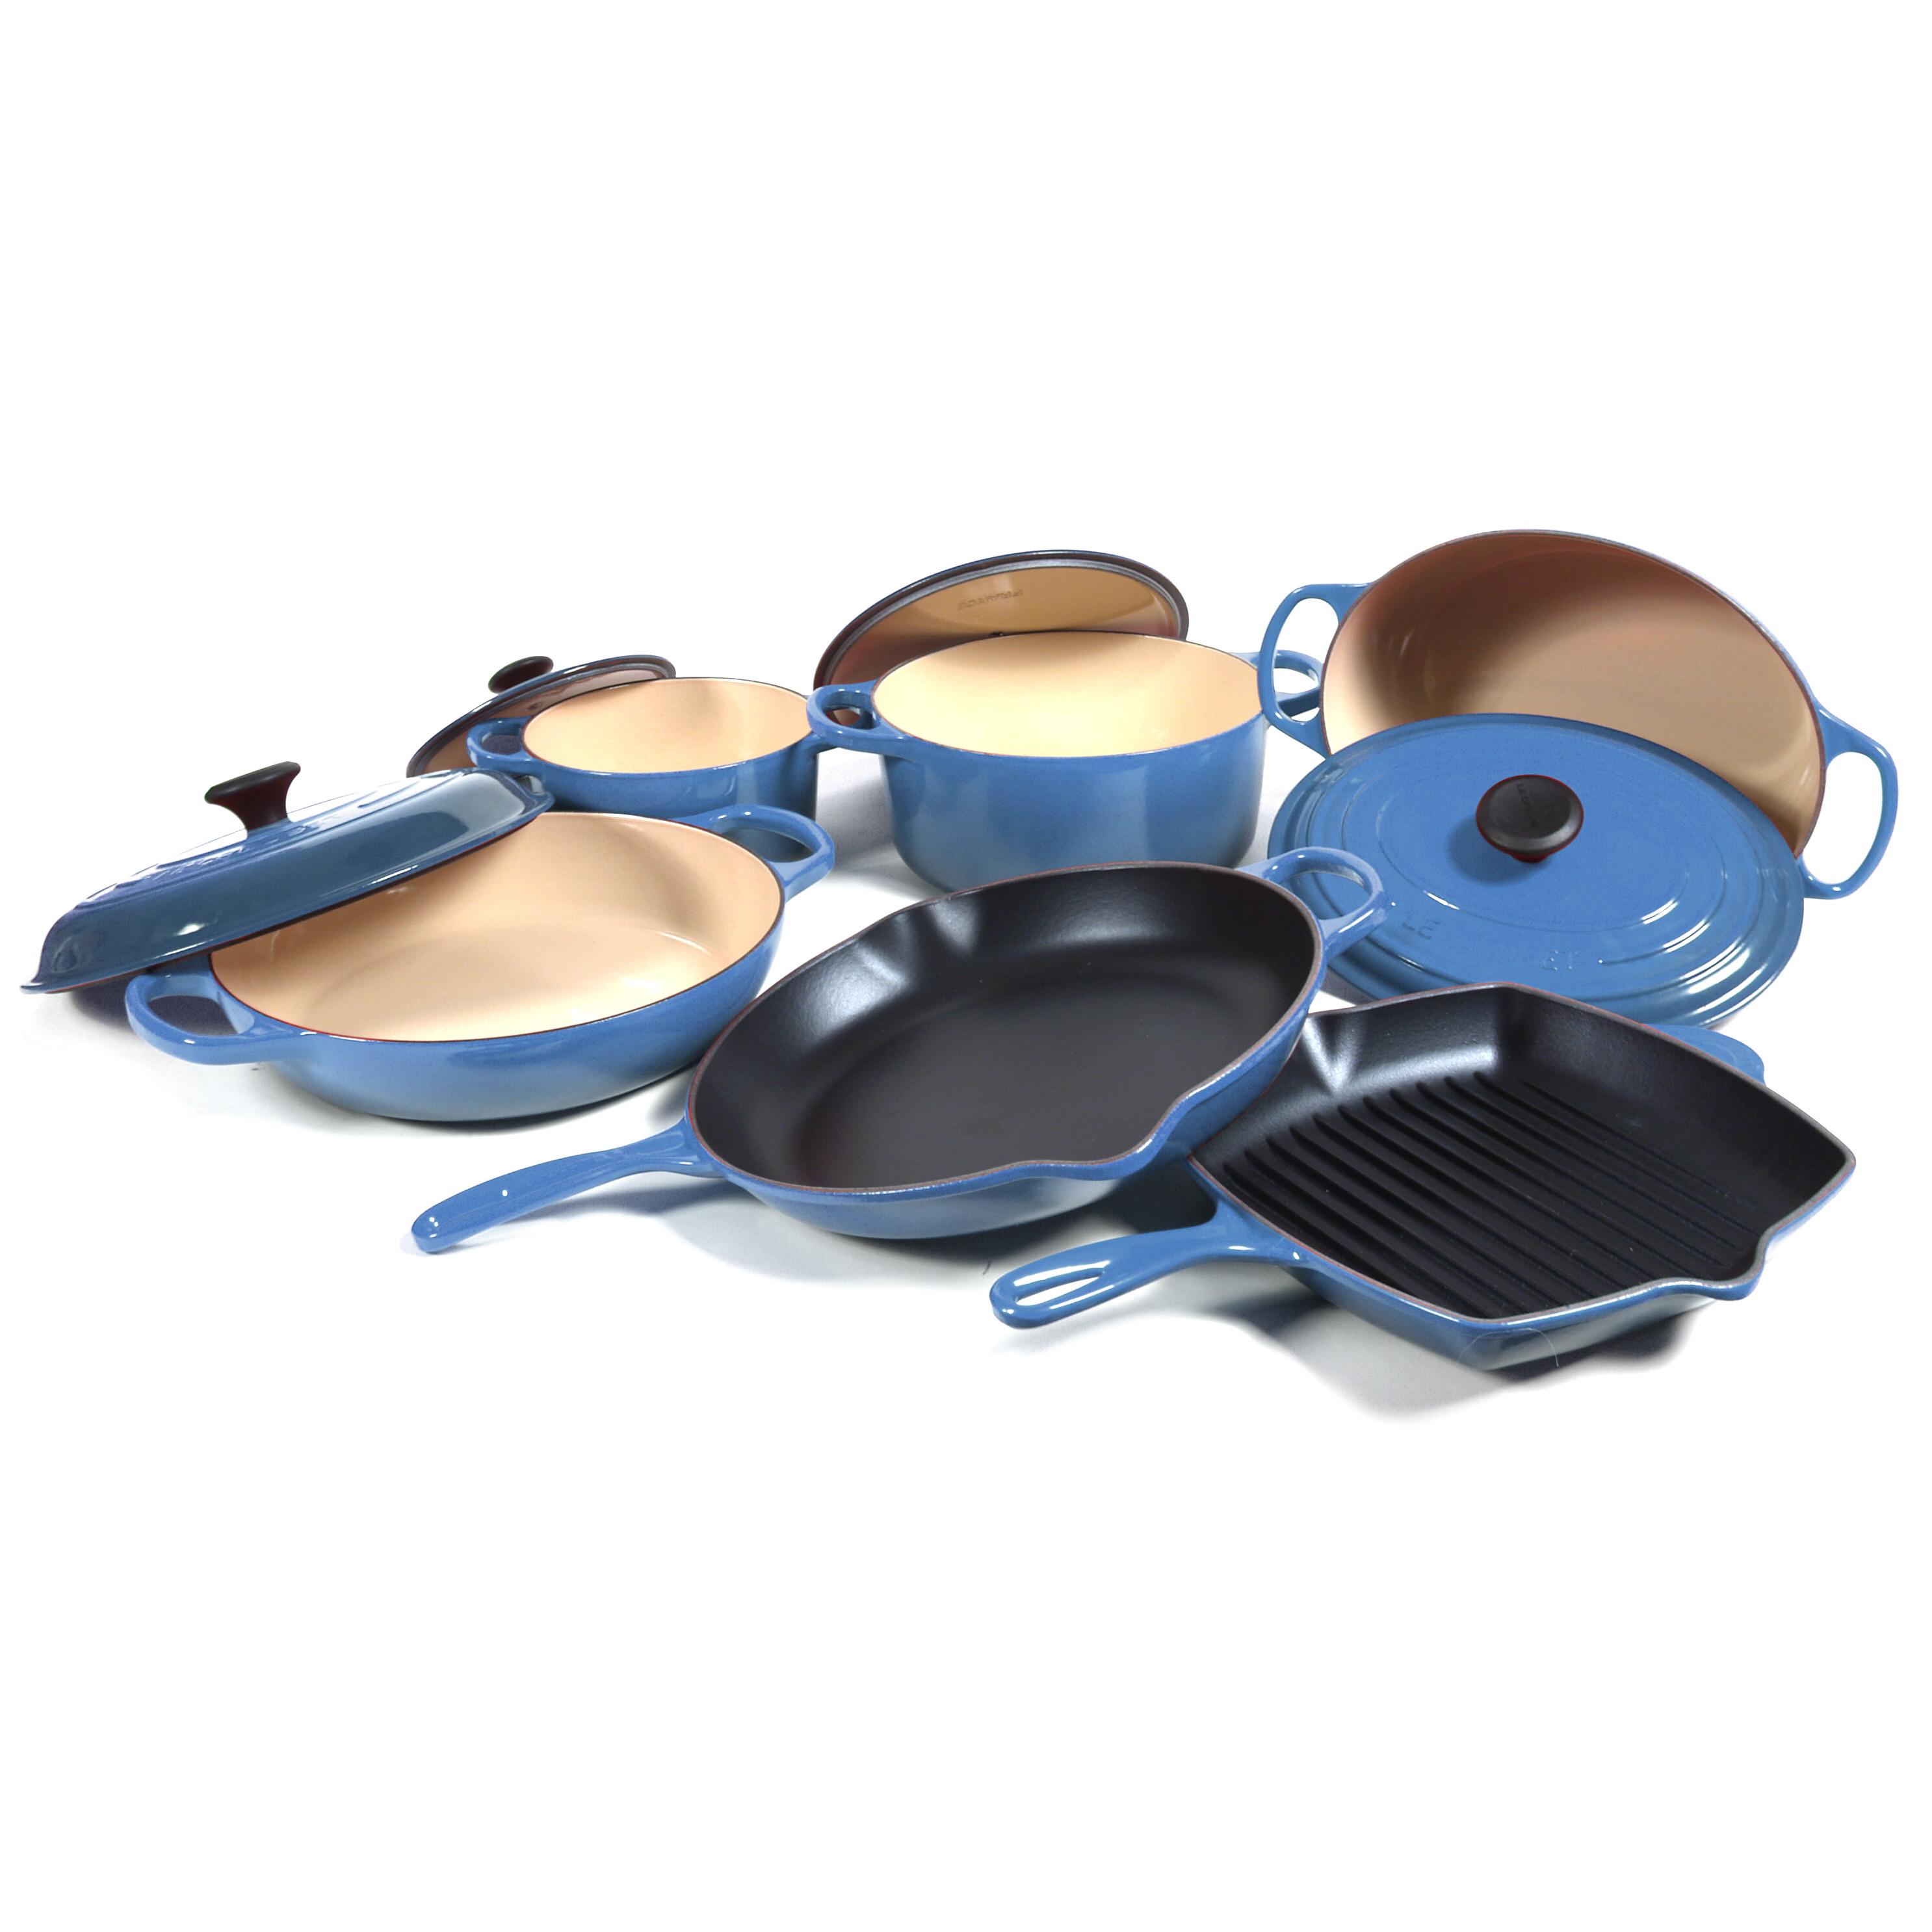 Le Creuset Signature 10 Piece Marsielle Enameled Cast Iron Cookware Set